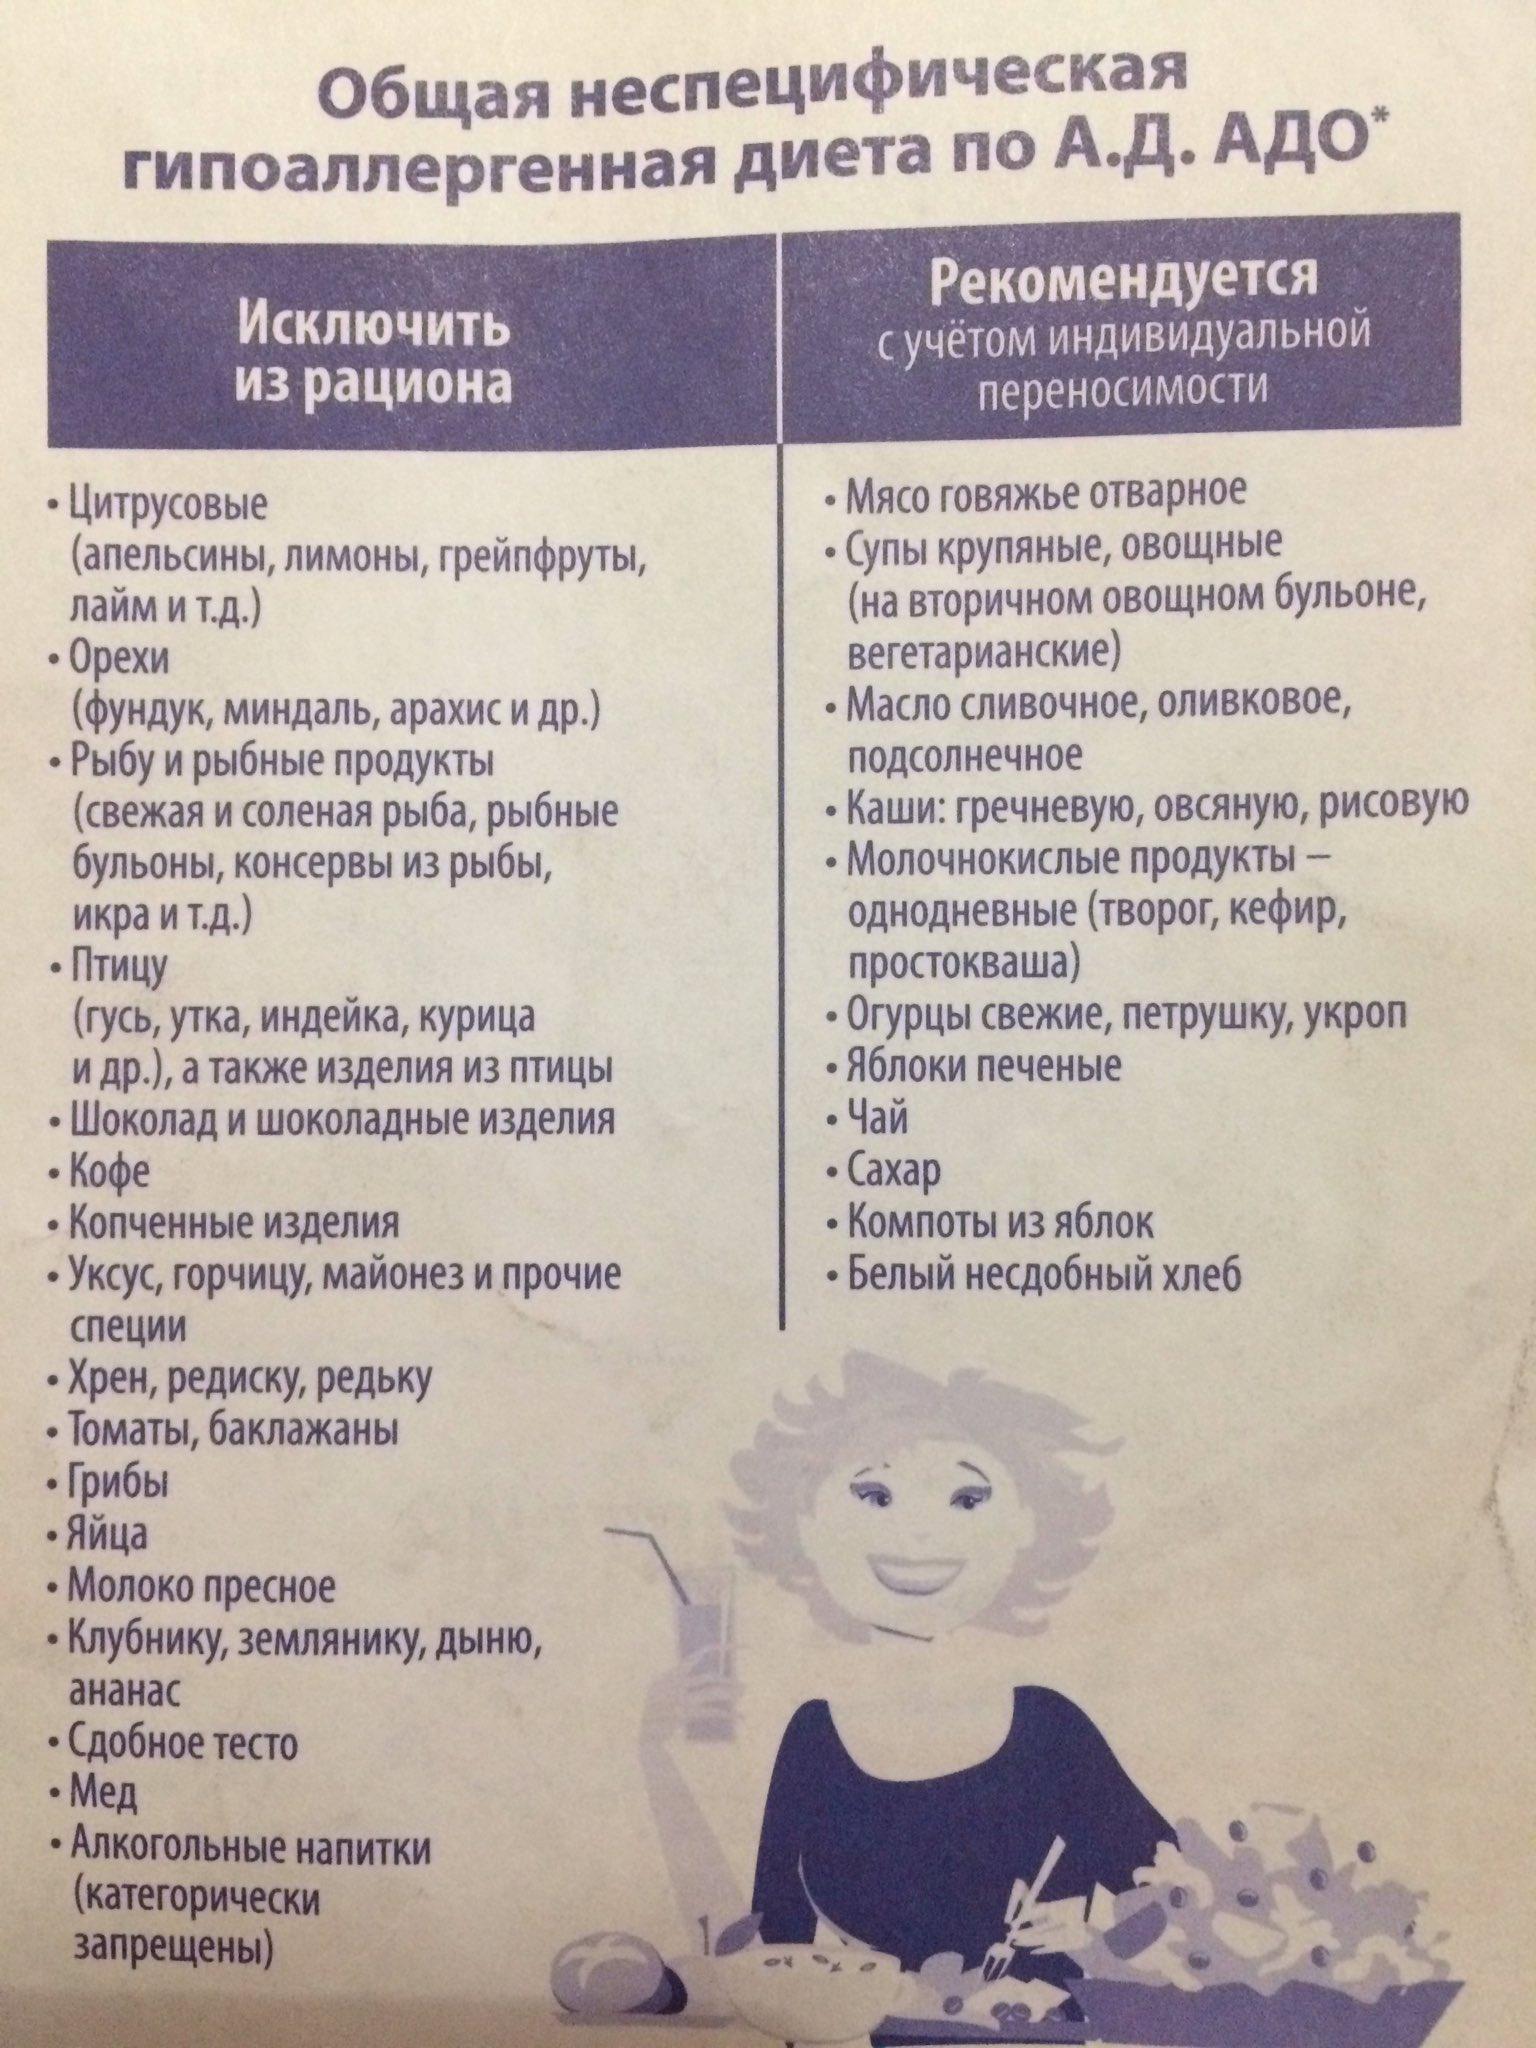 Гипоаллергенная Диета Ряженка.